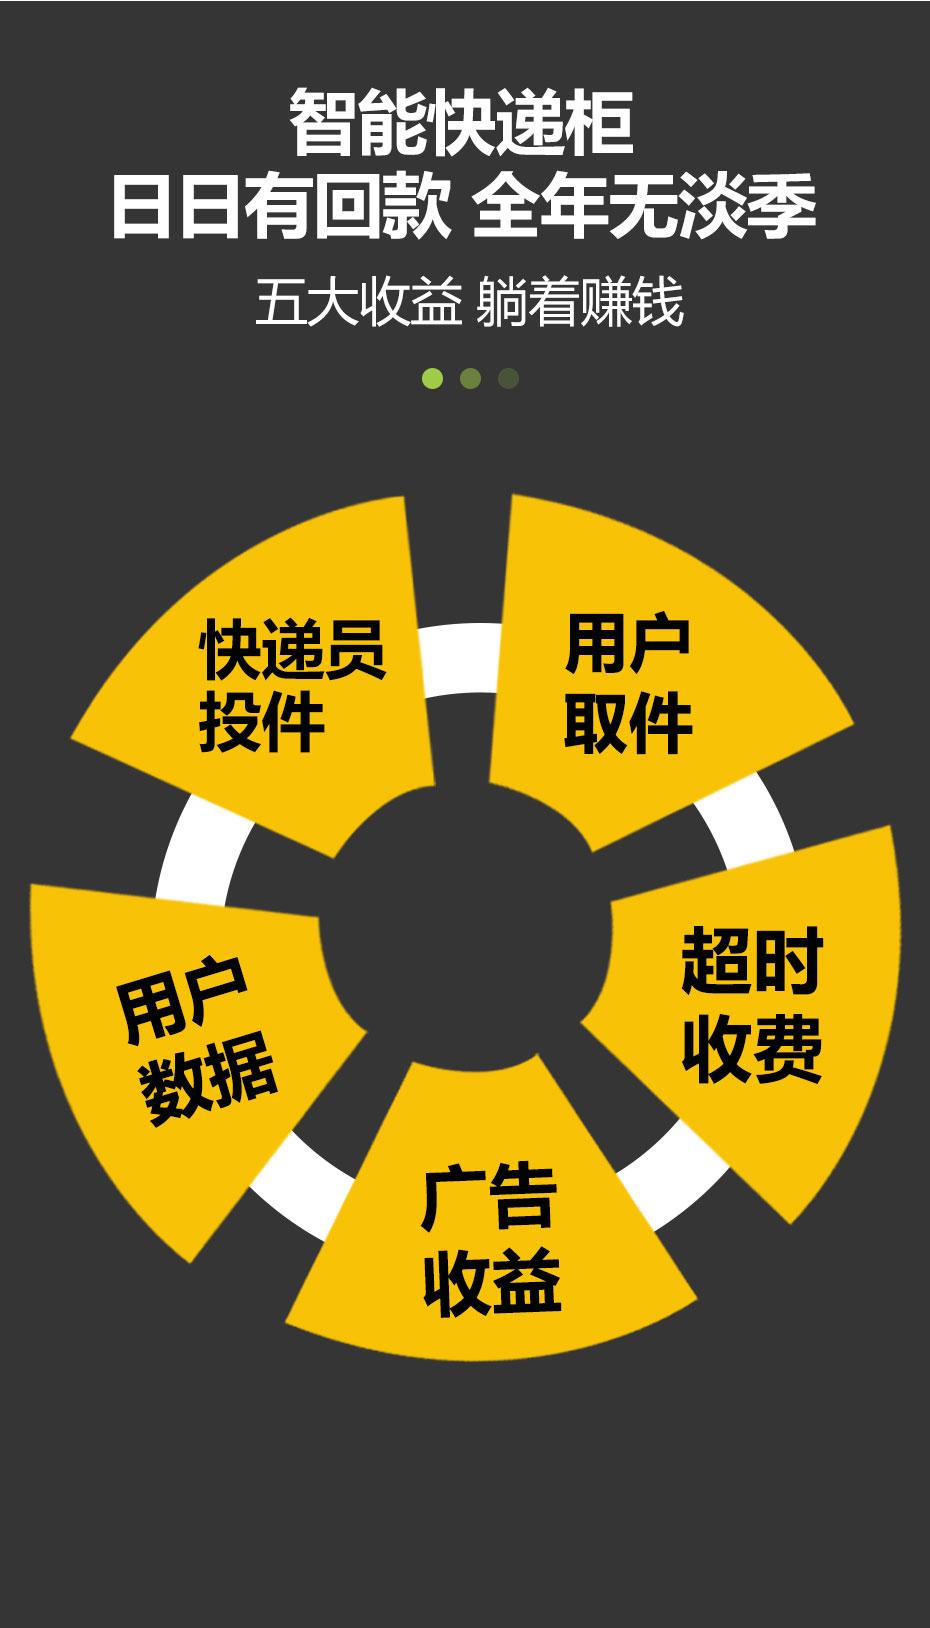 智能快递柜网站_09